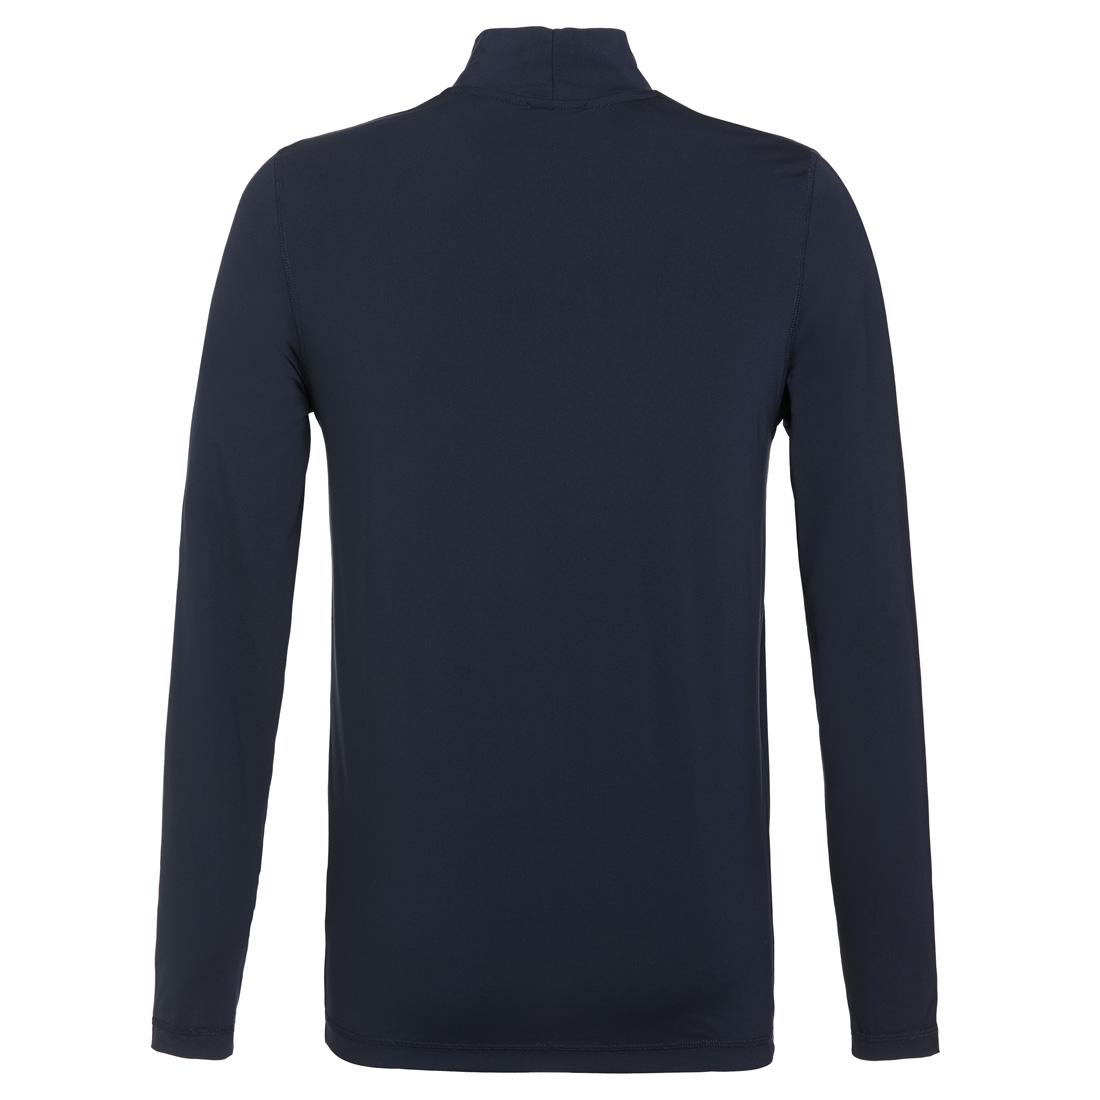 Professioneller Stretch-Golfunterzieher aus Light Jersey mit UV-Schutz